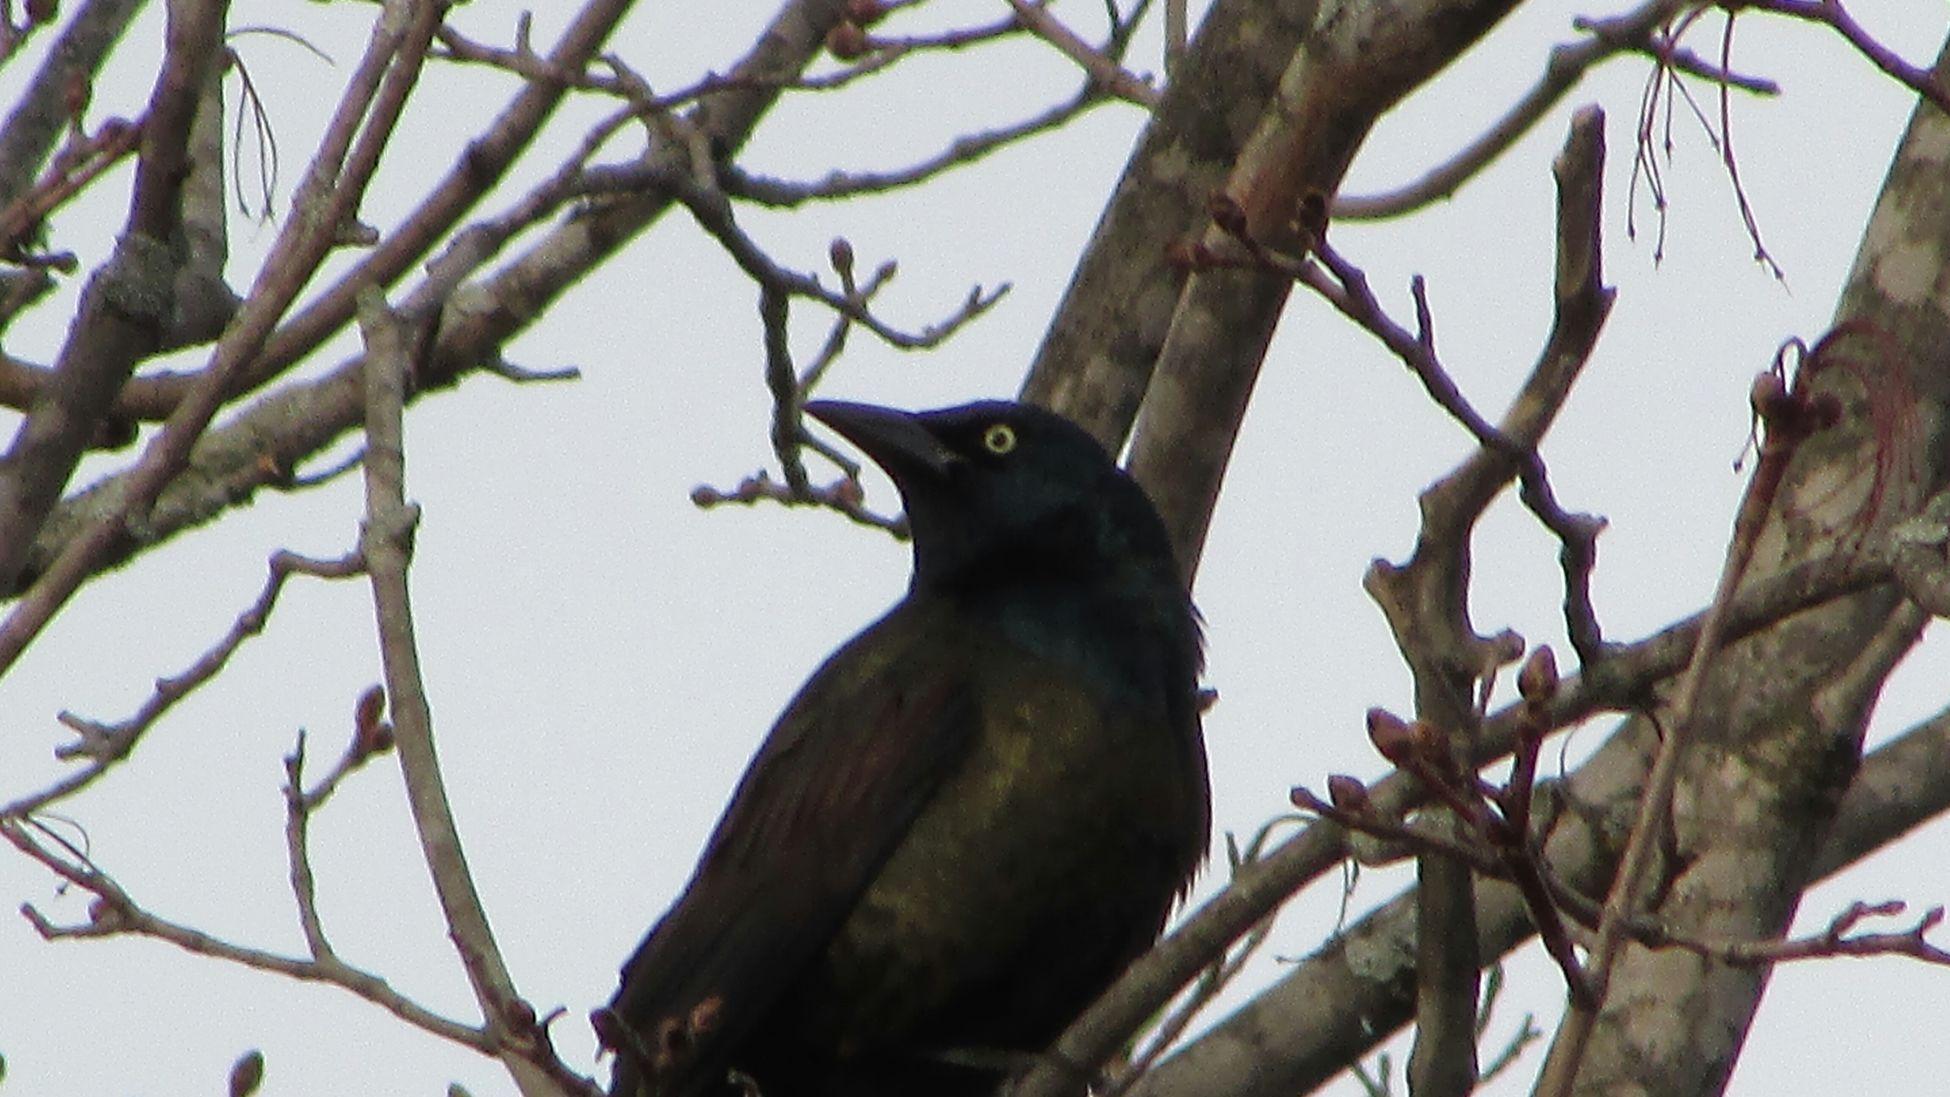 Bird Photography Eye On YouPure Michigan Alittle Creepy